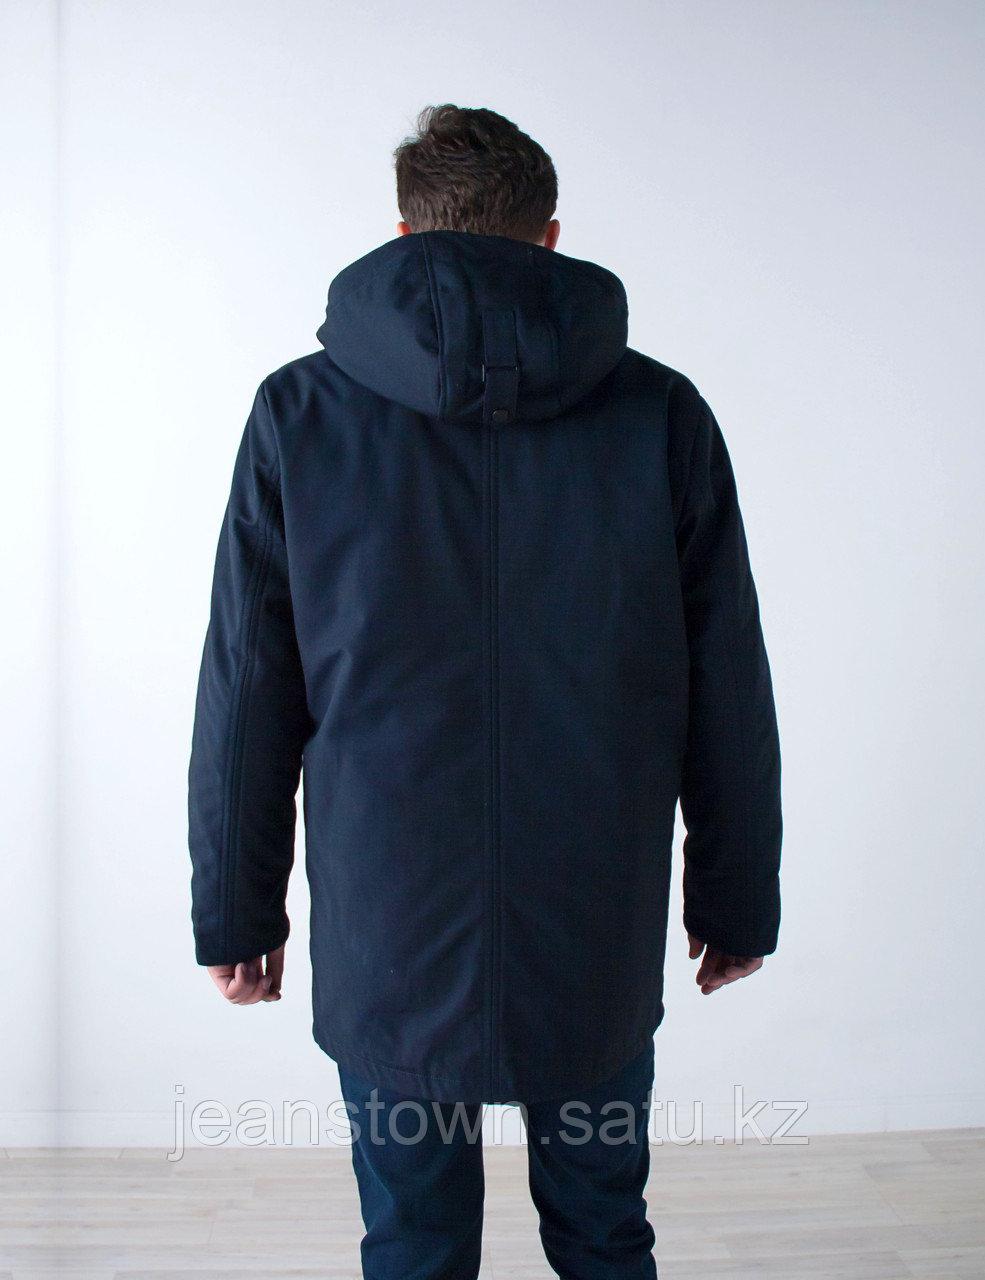 Куртка мужская зимняя City Class длинная,на подстежке - фото 5